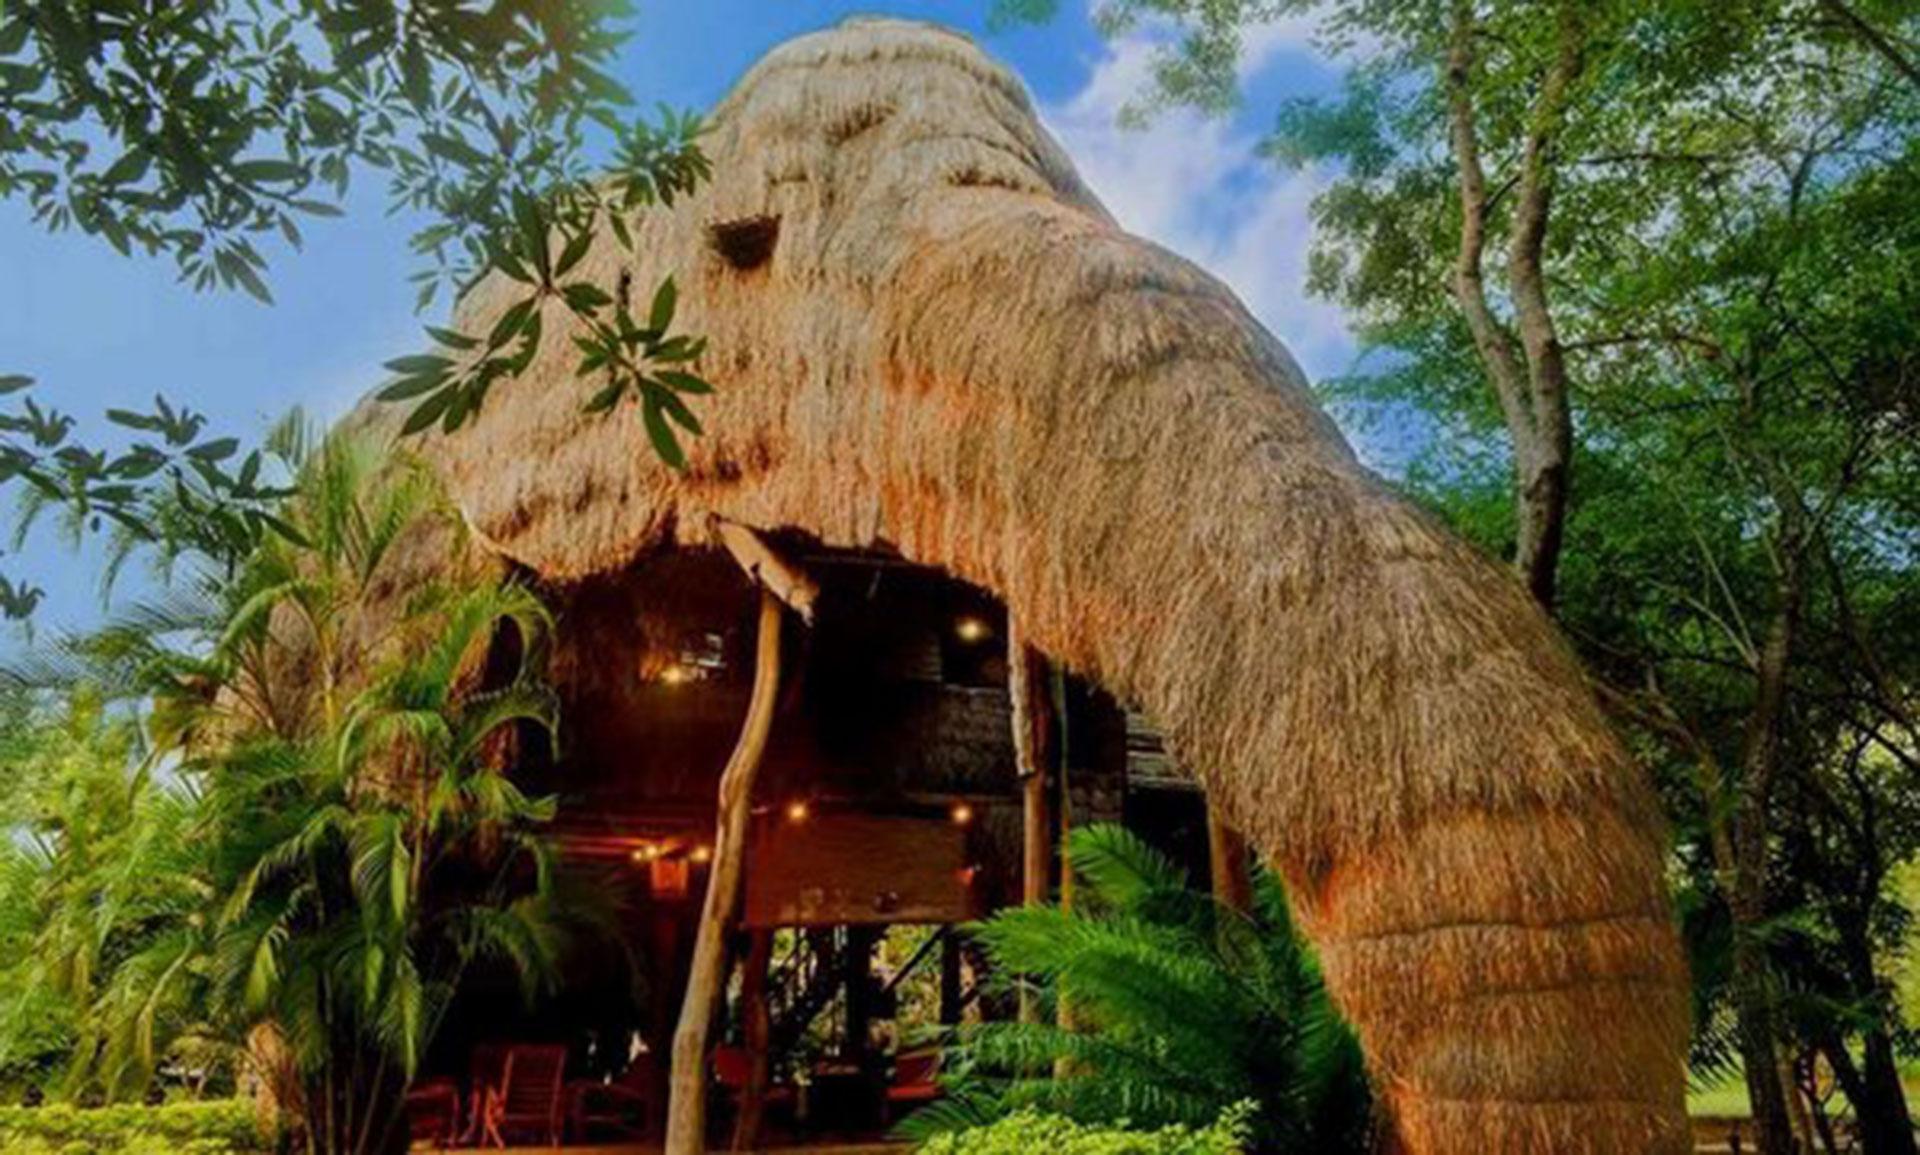 Kumbuk River Resort (Parque Nacional Yala, Sri Lanka). Es un eco resort con habitaciones que tienen forma de animal, como ésta, que emula a un elefante